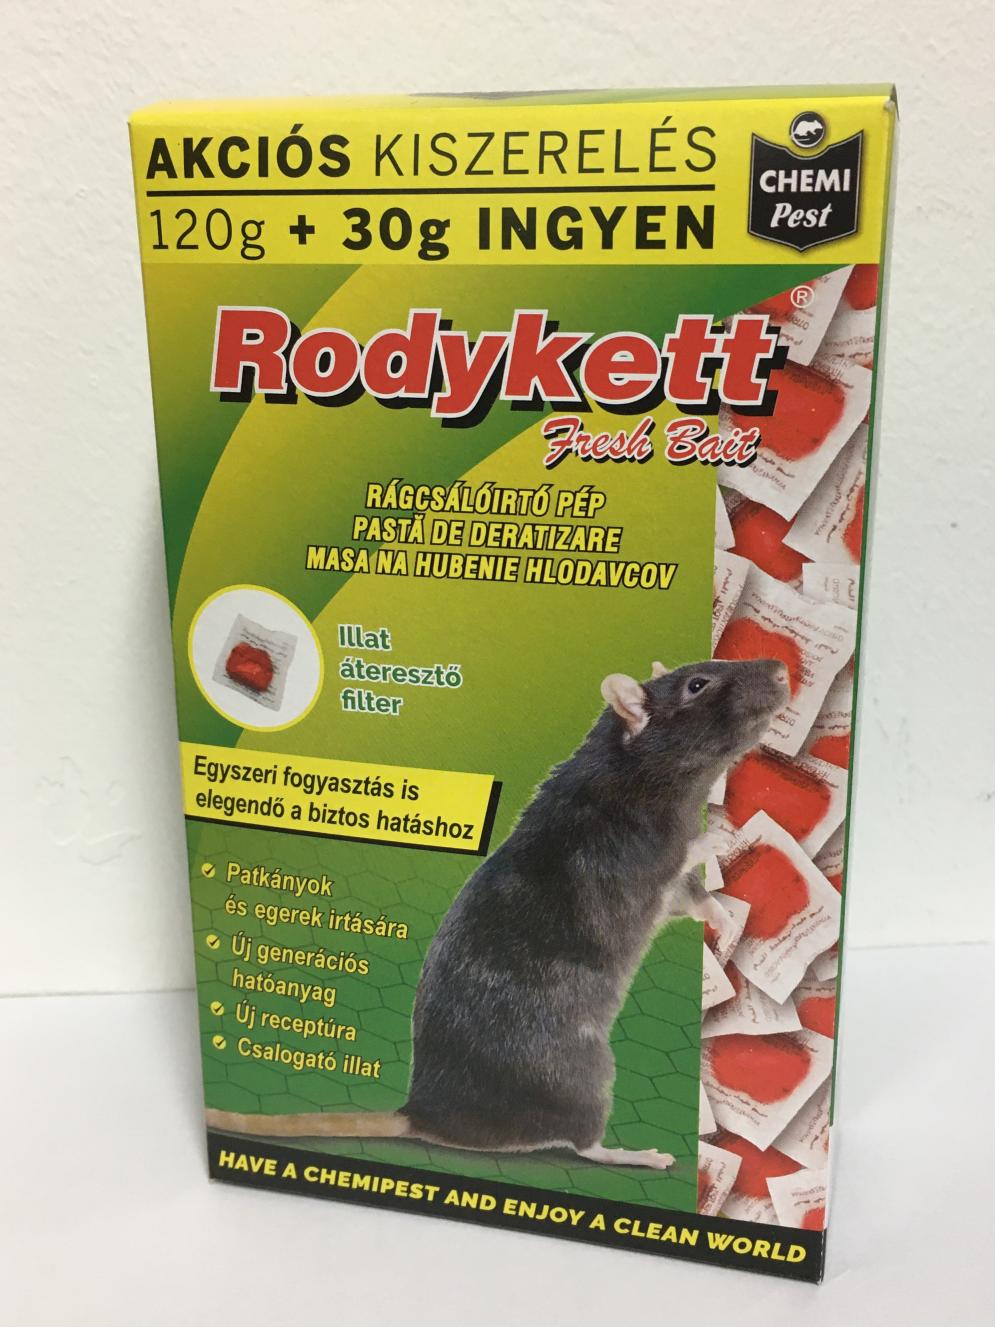 Rodykett Fresh Bait